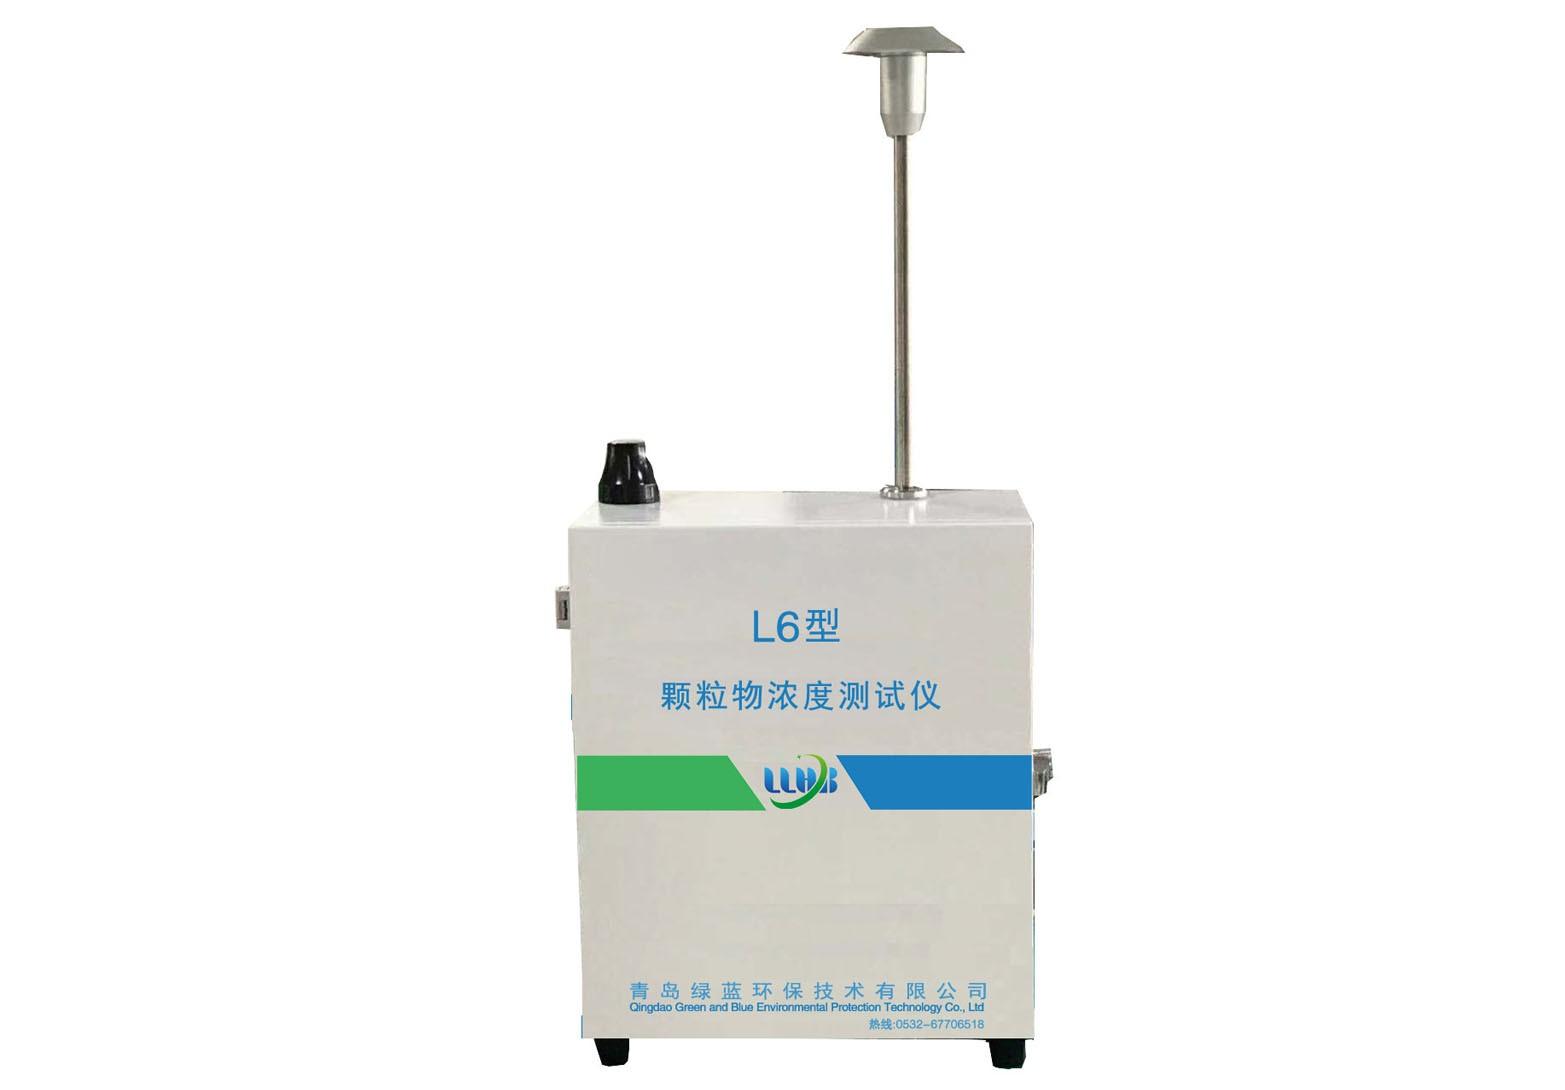 L6型  飞速直播快船火箭浓度测试仪(泵吸式)